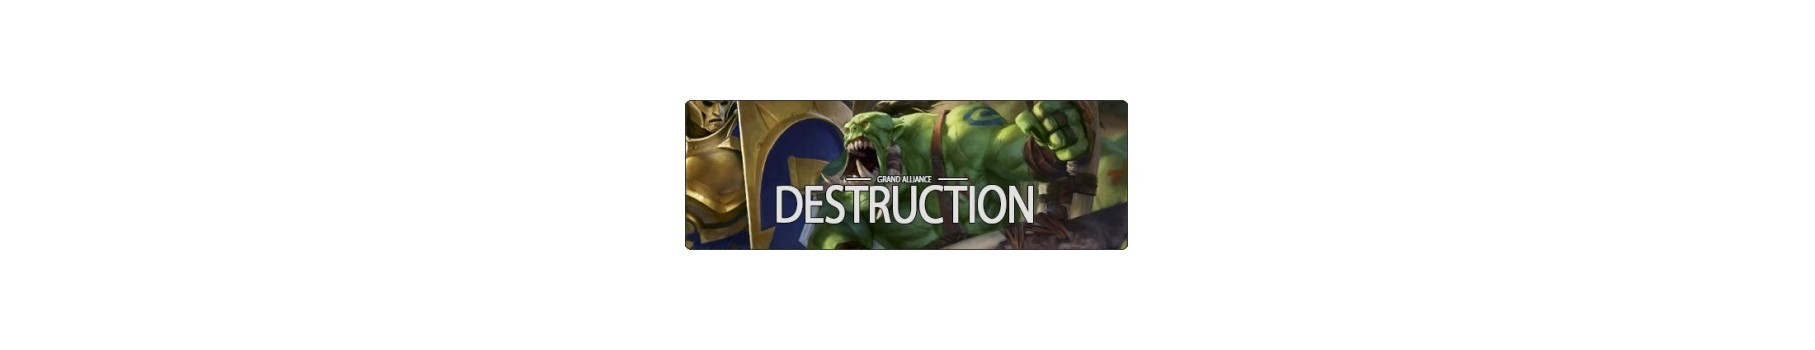 La Grande Alliance de la Destruction - AoS de votre Ludicaire Au Chapeau Enchanté